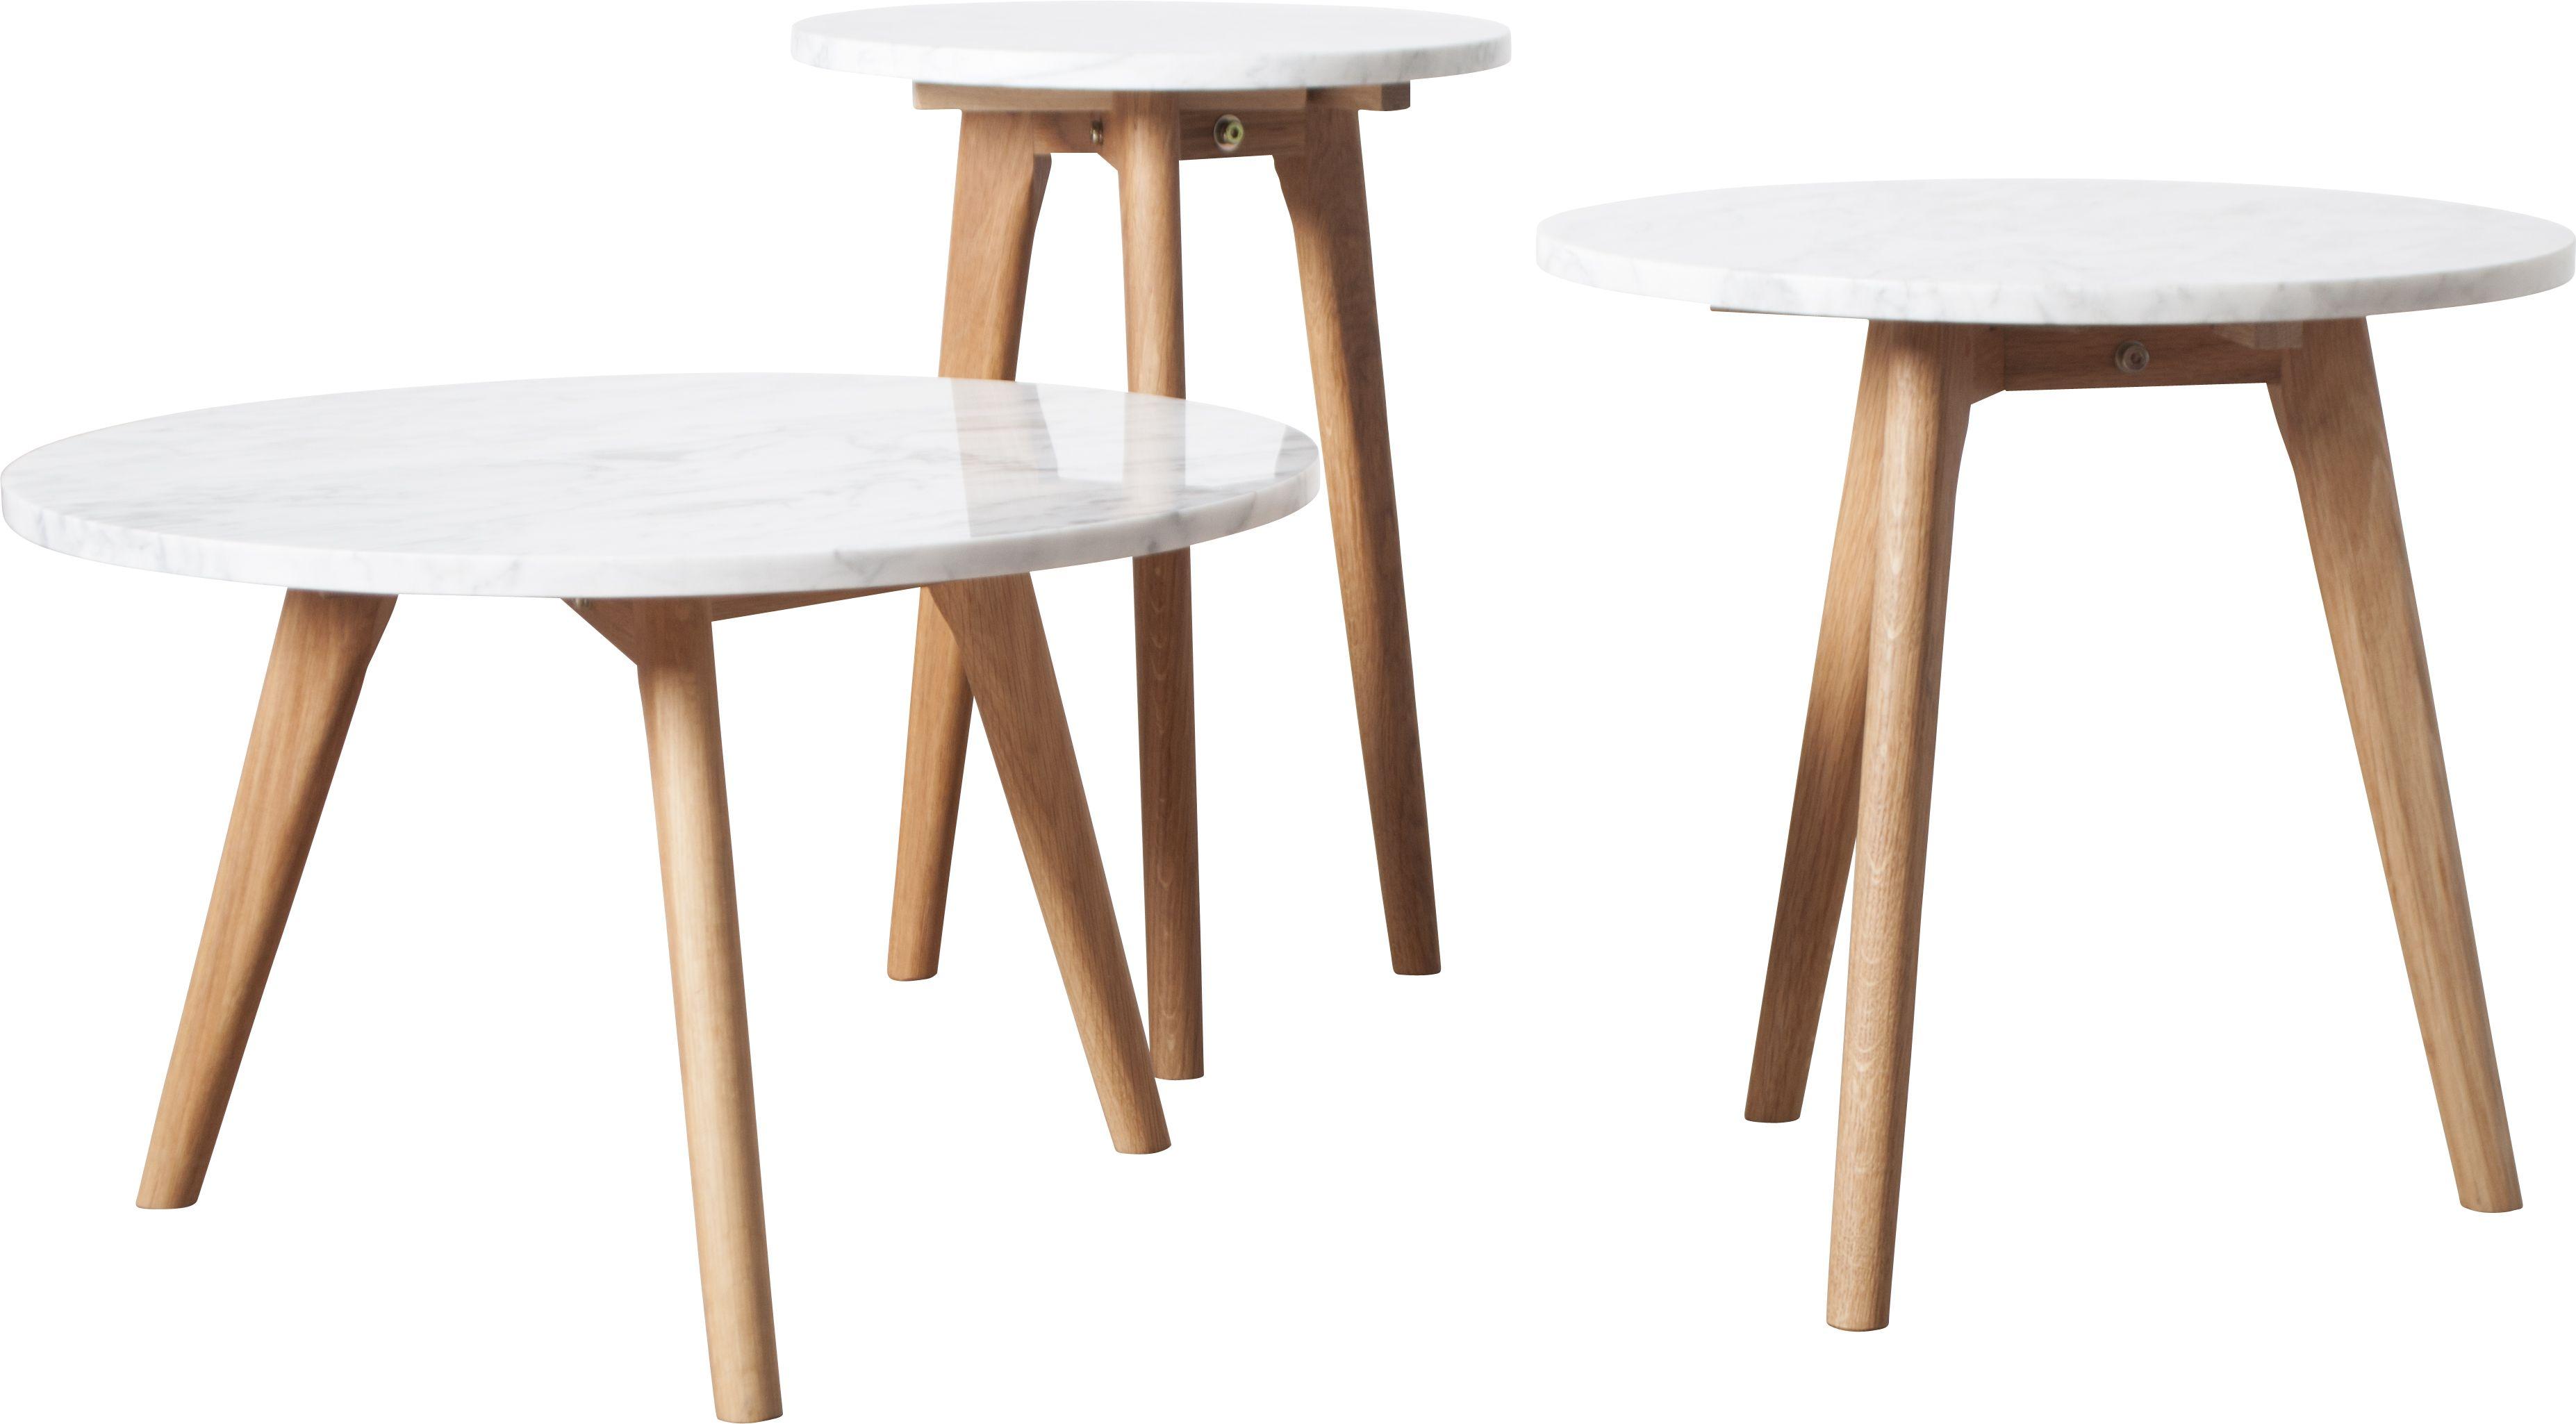 White Stone Serie Side Tables Sidetable Tabled Appoint Beistelltisch Bijzettafel Bijzettafel Bijzettafels Marmeren Salontafels